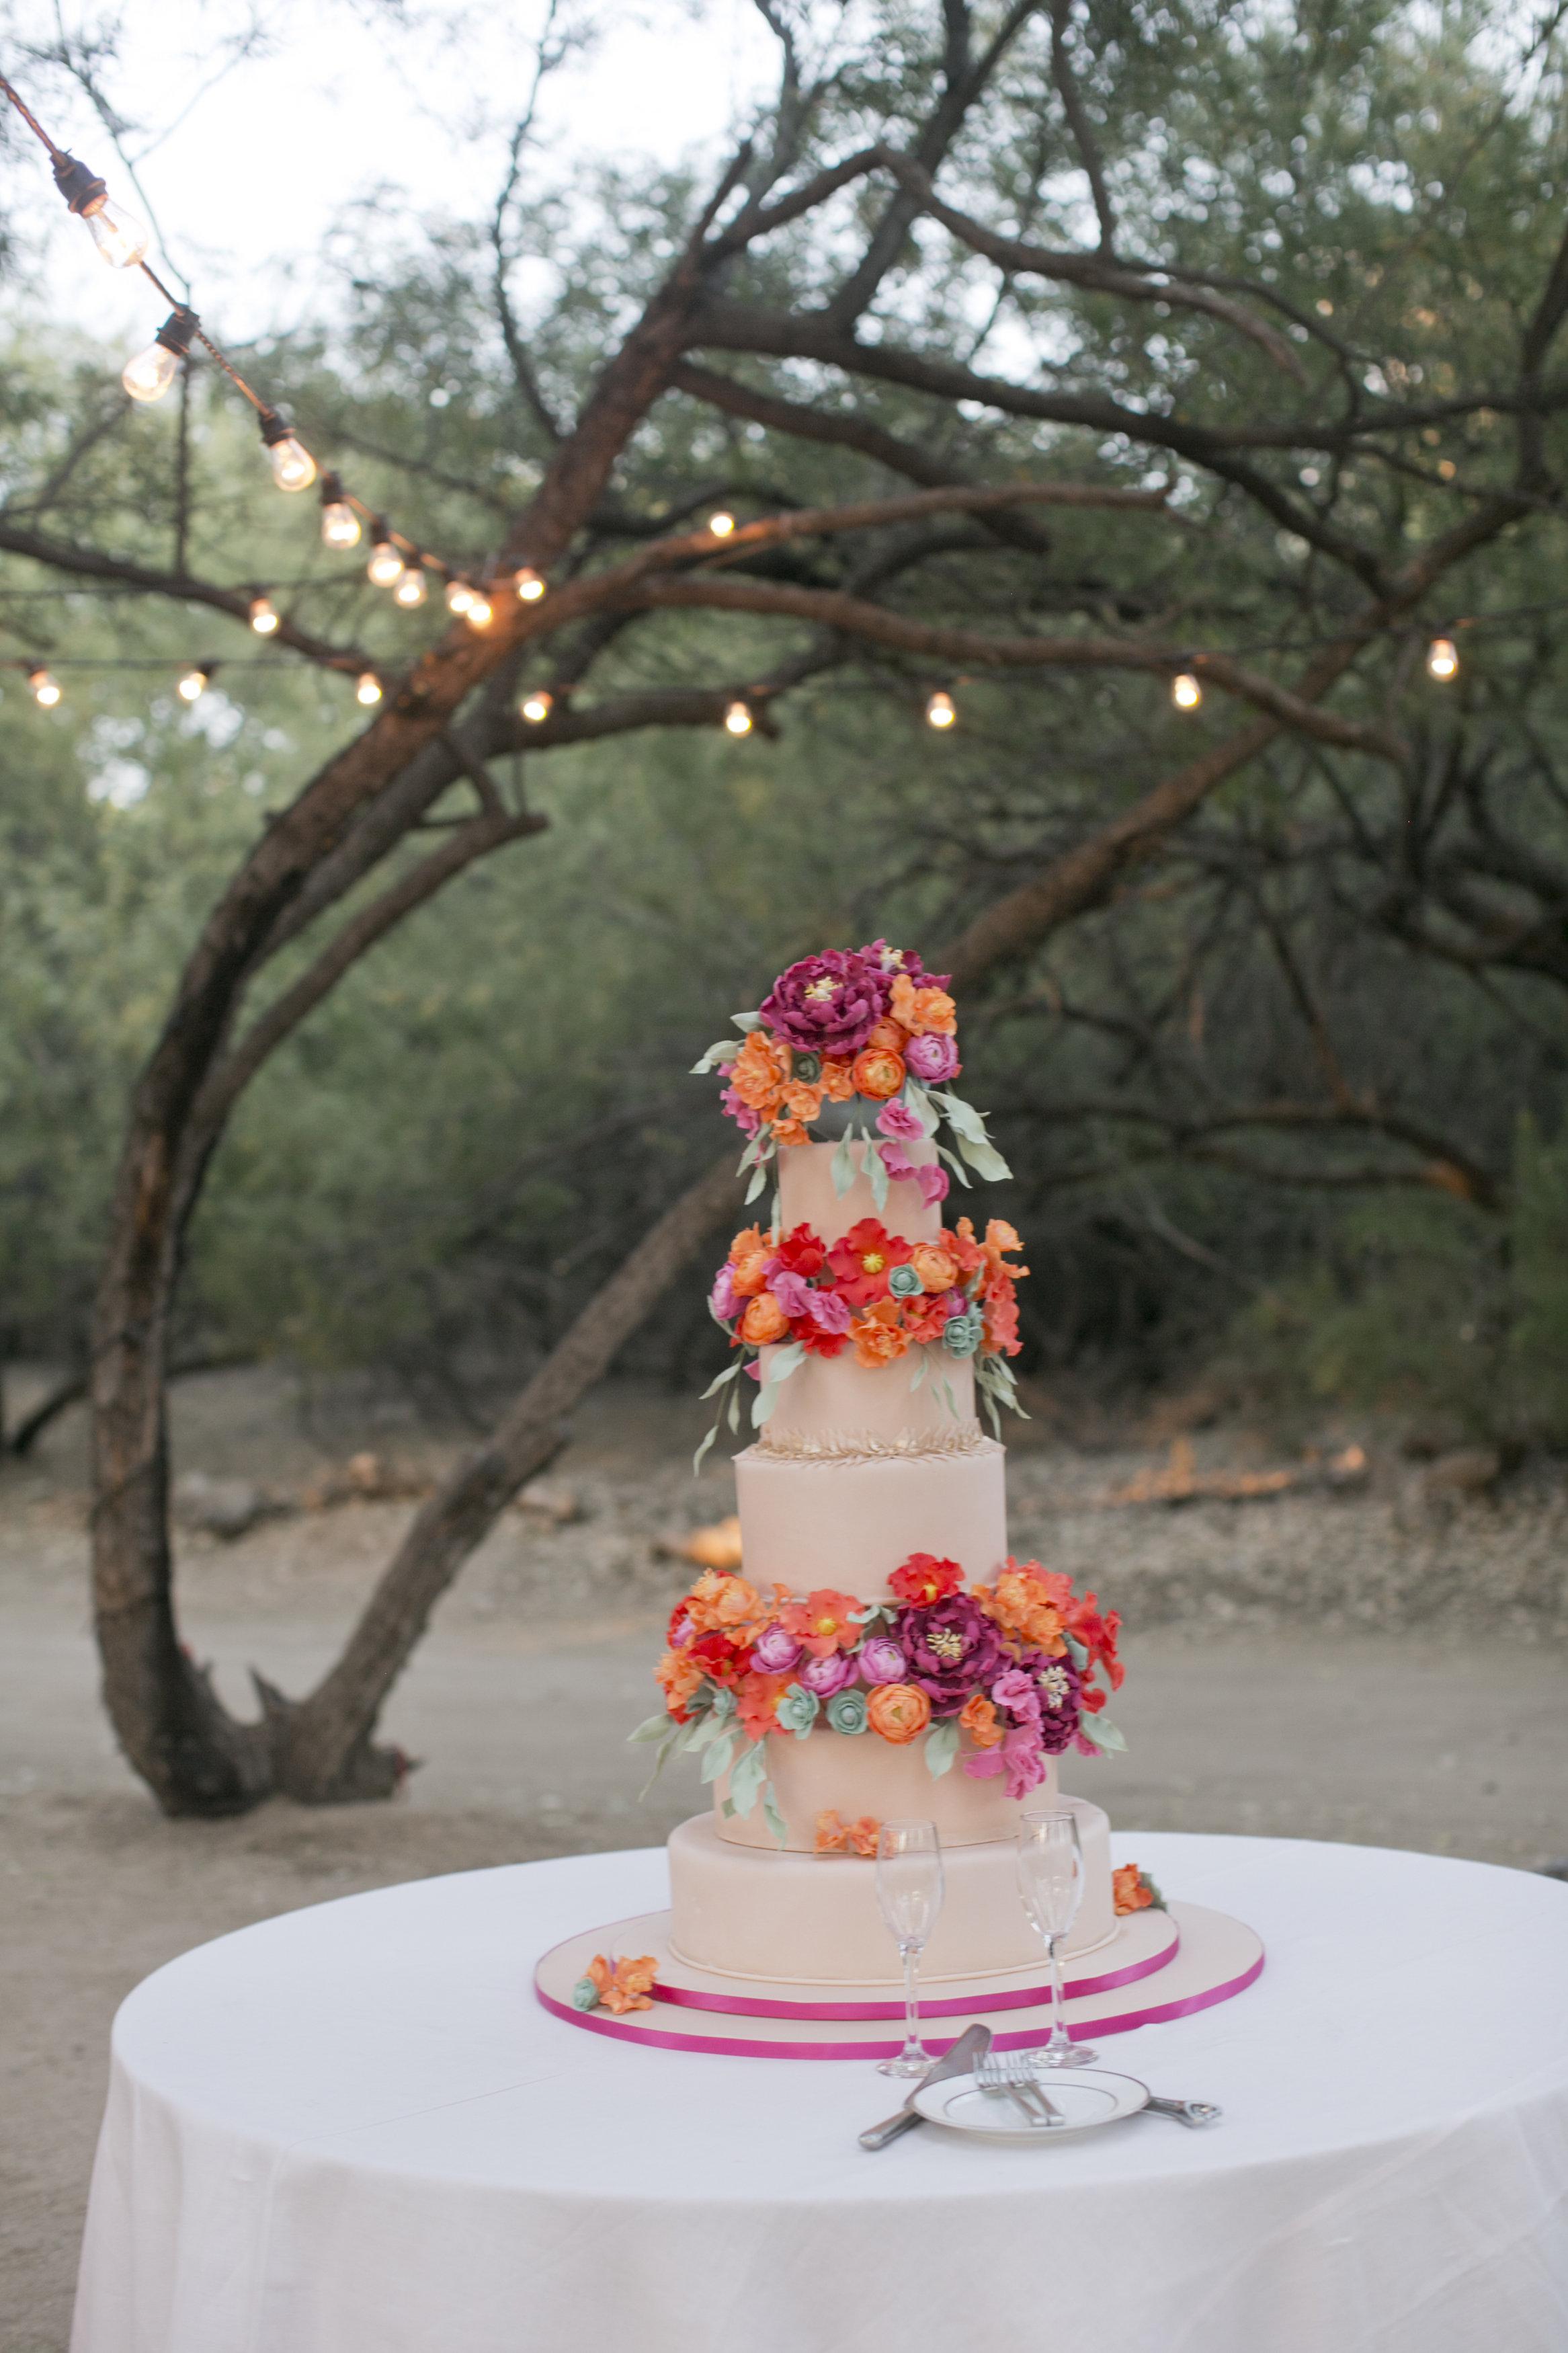 Ceci_New_York_Ceci_Style_Ceci_Johnson_Luxury_Lifestyle_Arizona_Wedding_Watercolor_Inspiration_Design_Custom_Couture_Personalized_Invitations_142.jpg